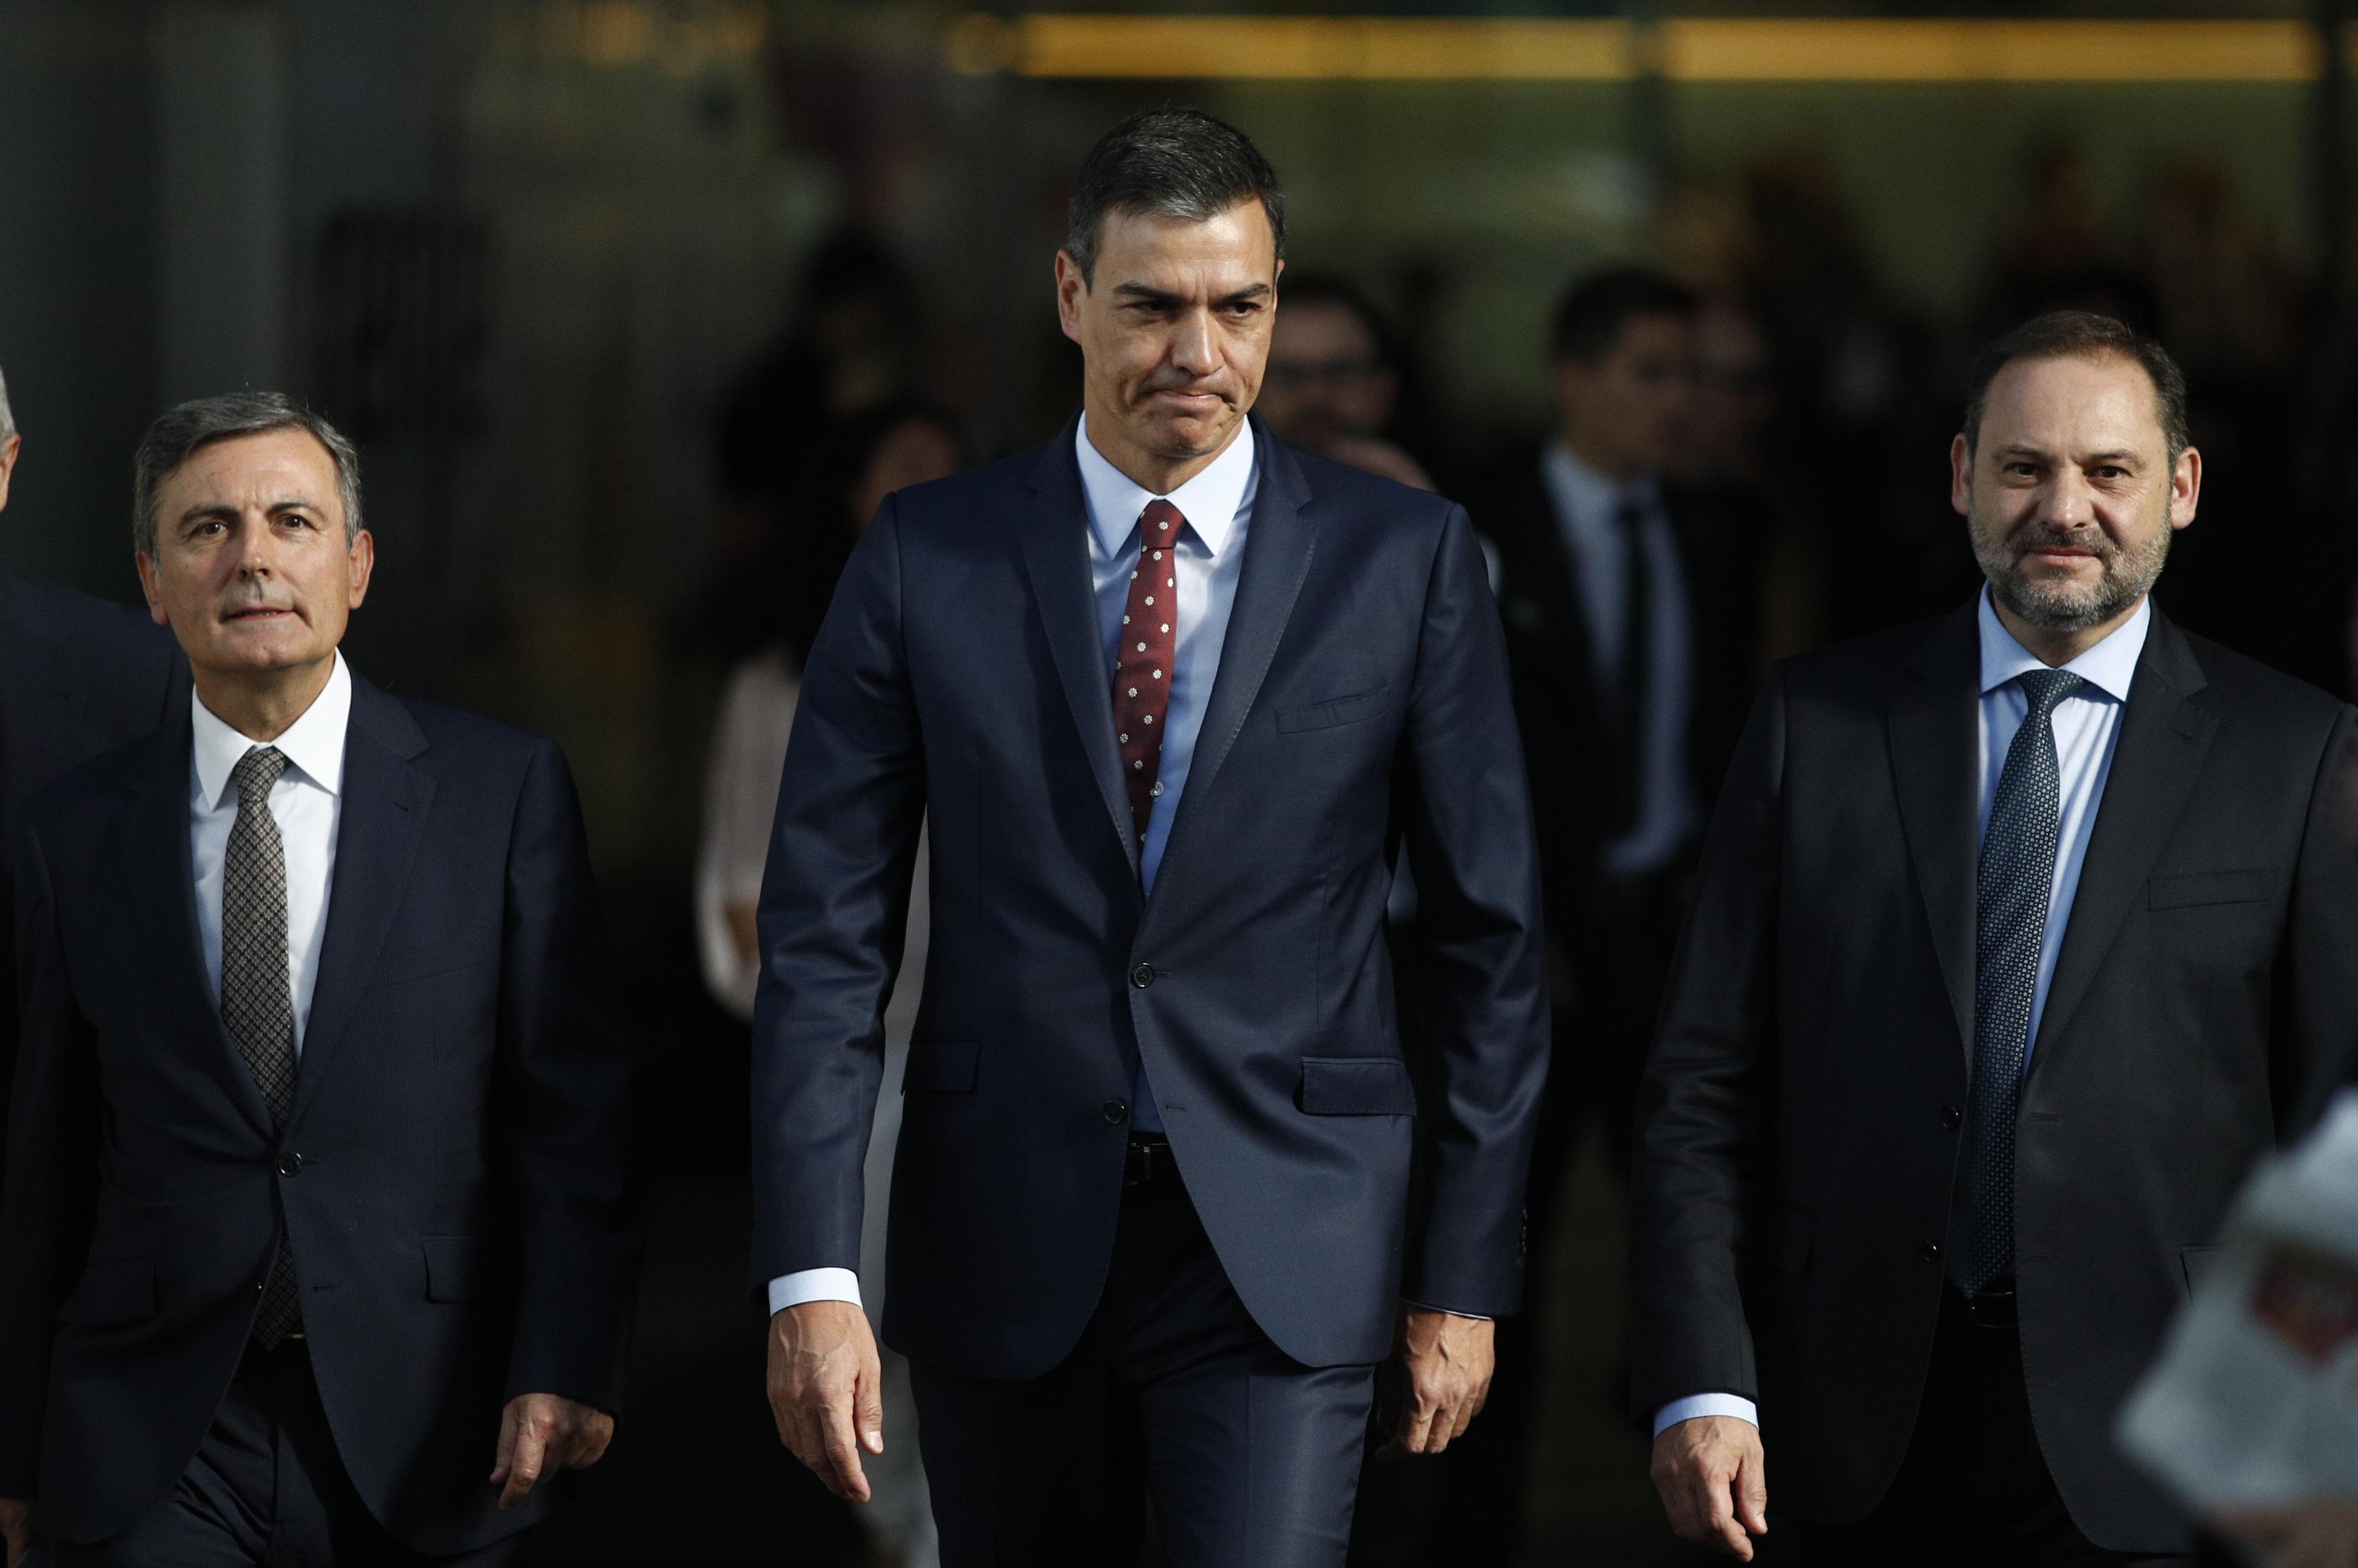 El presidente del Gobierno en funciones Pedro Sánchez junto a José Luis Ábalos